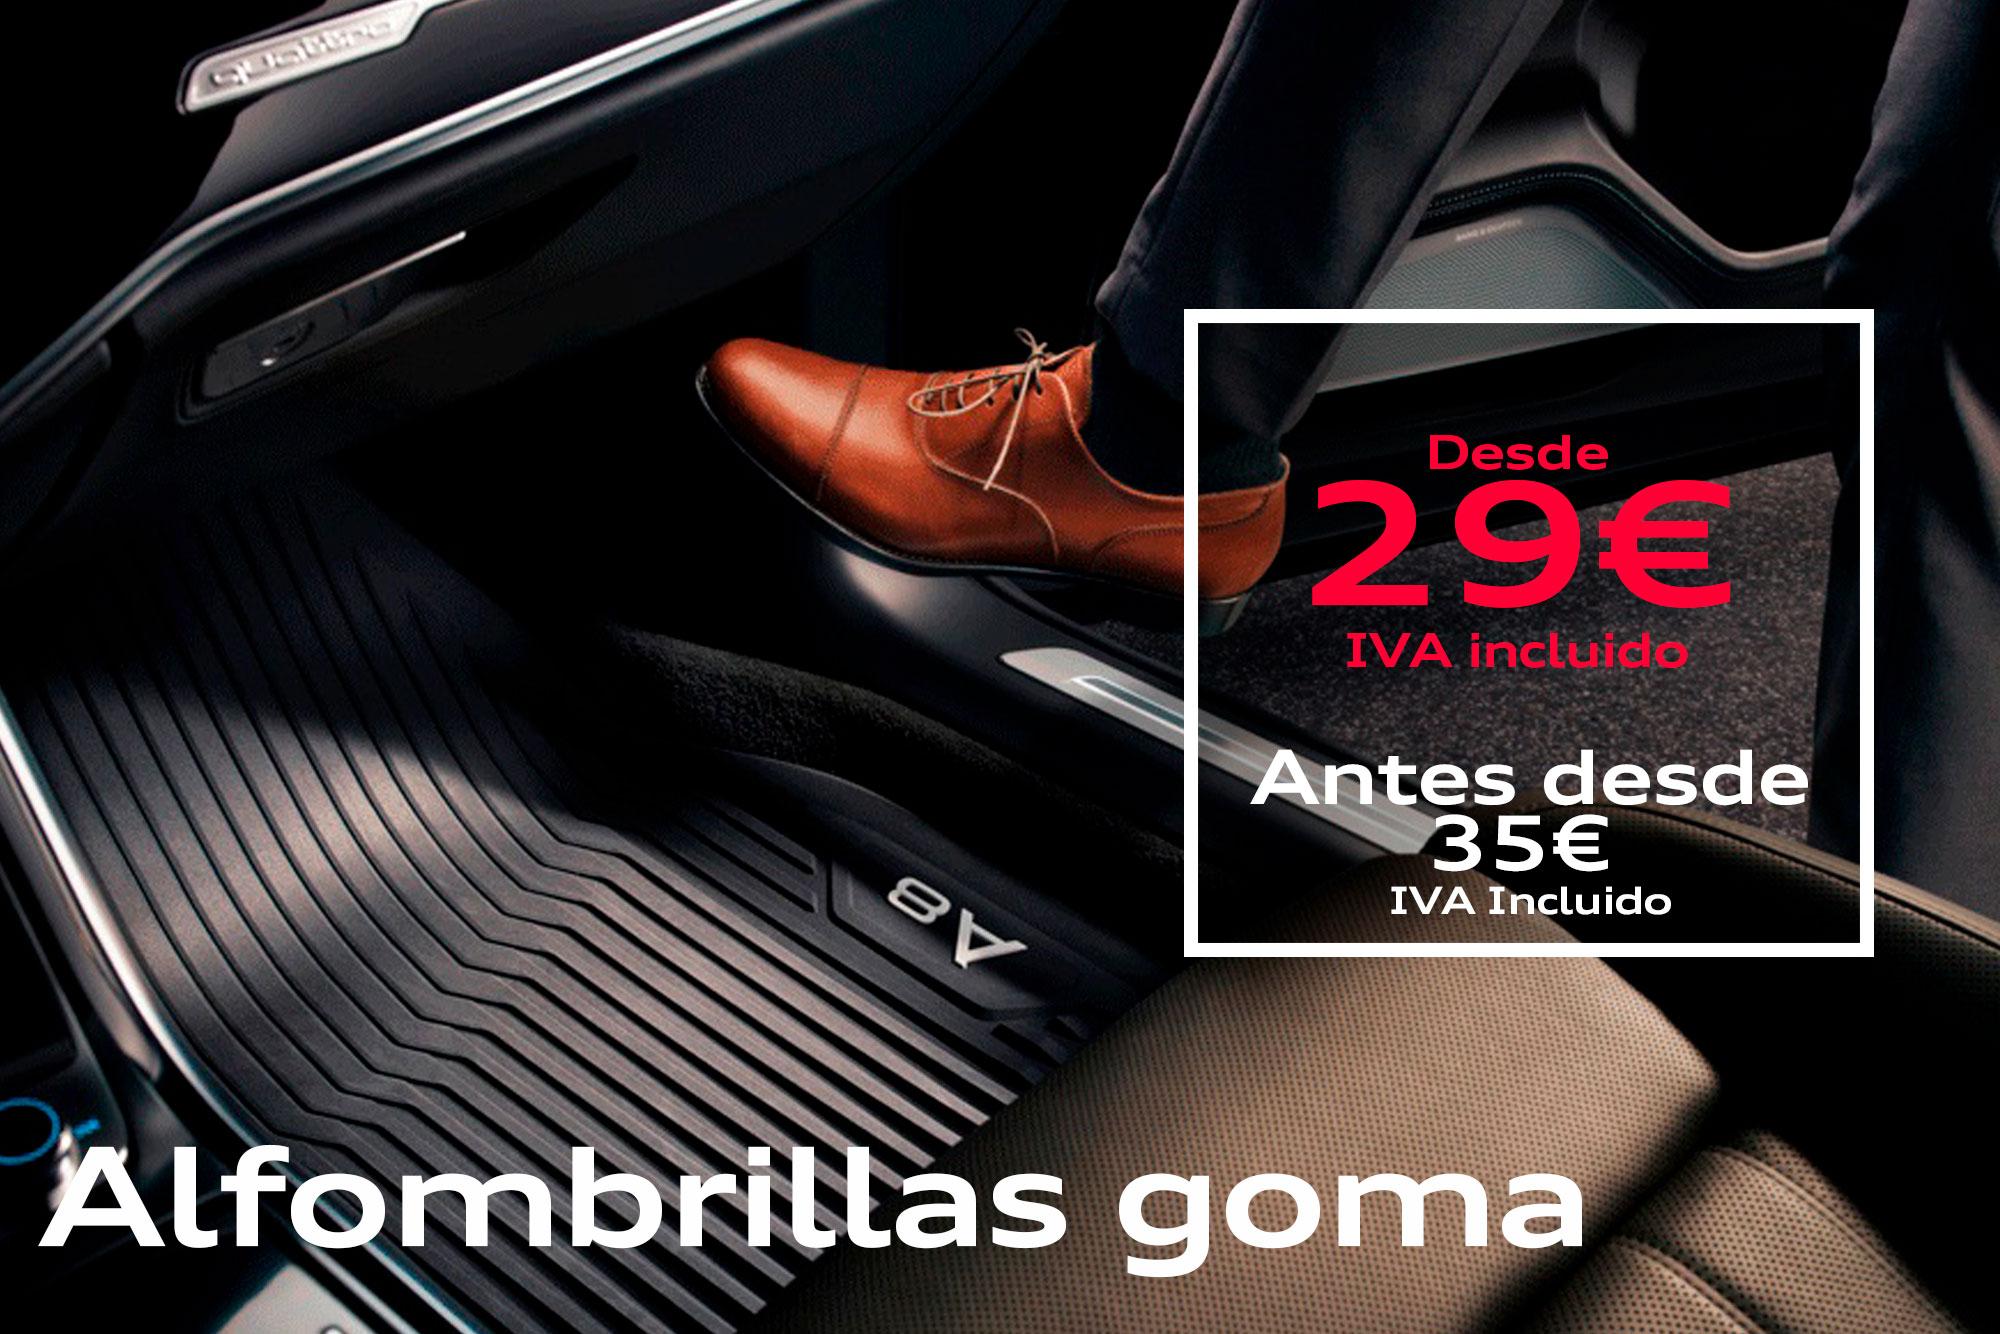 AOA-alfombrillas-goma